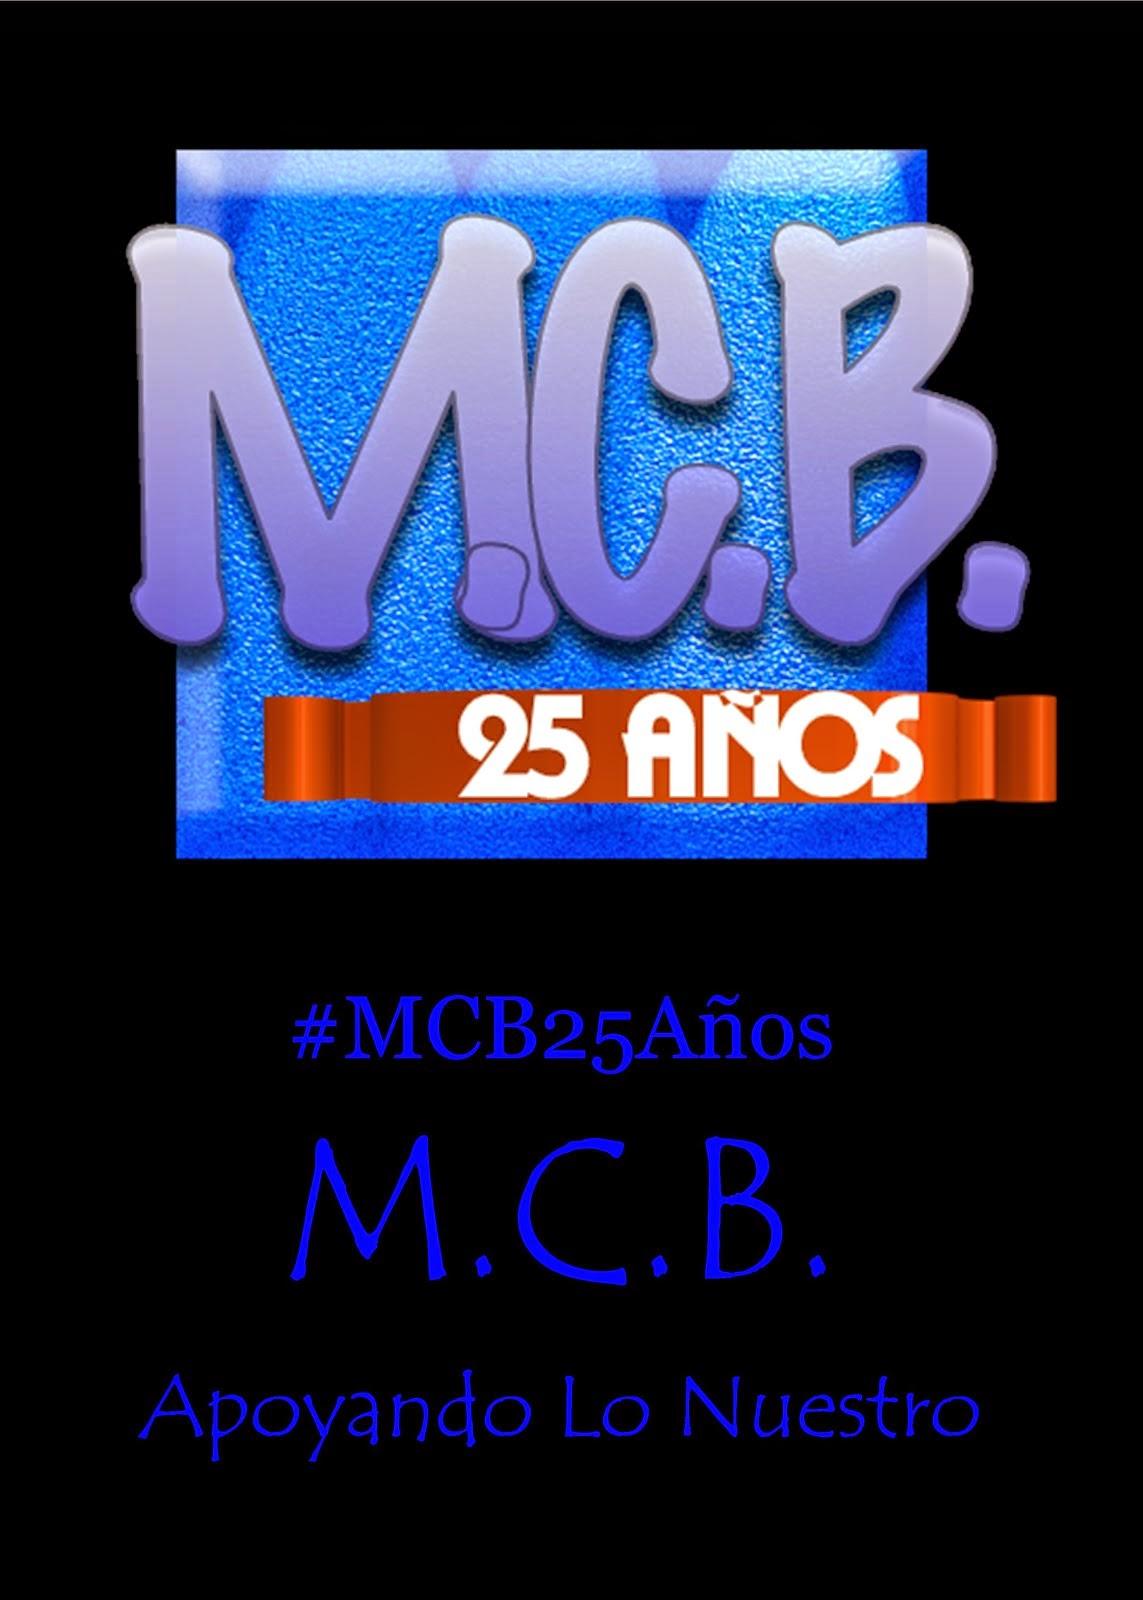 MCB 25 AÑOS